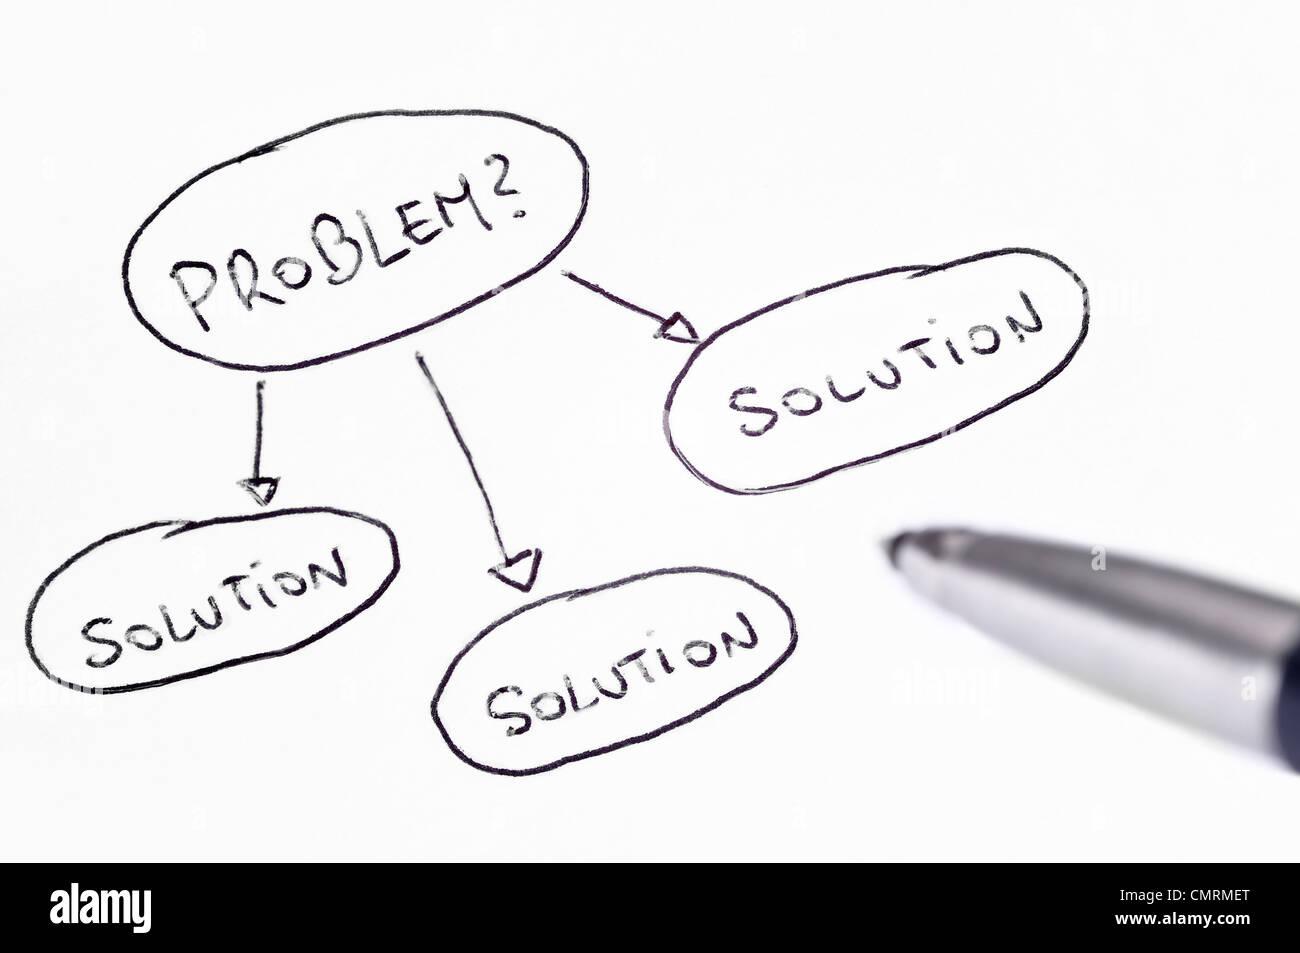 Problème et solution schéma manuscrites avec un stylo sur le côté Photo Stock